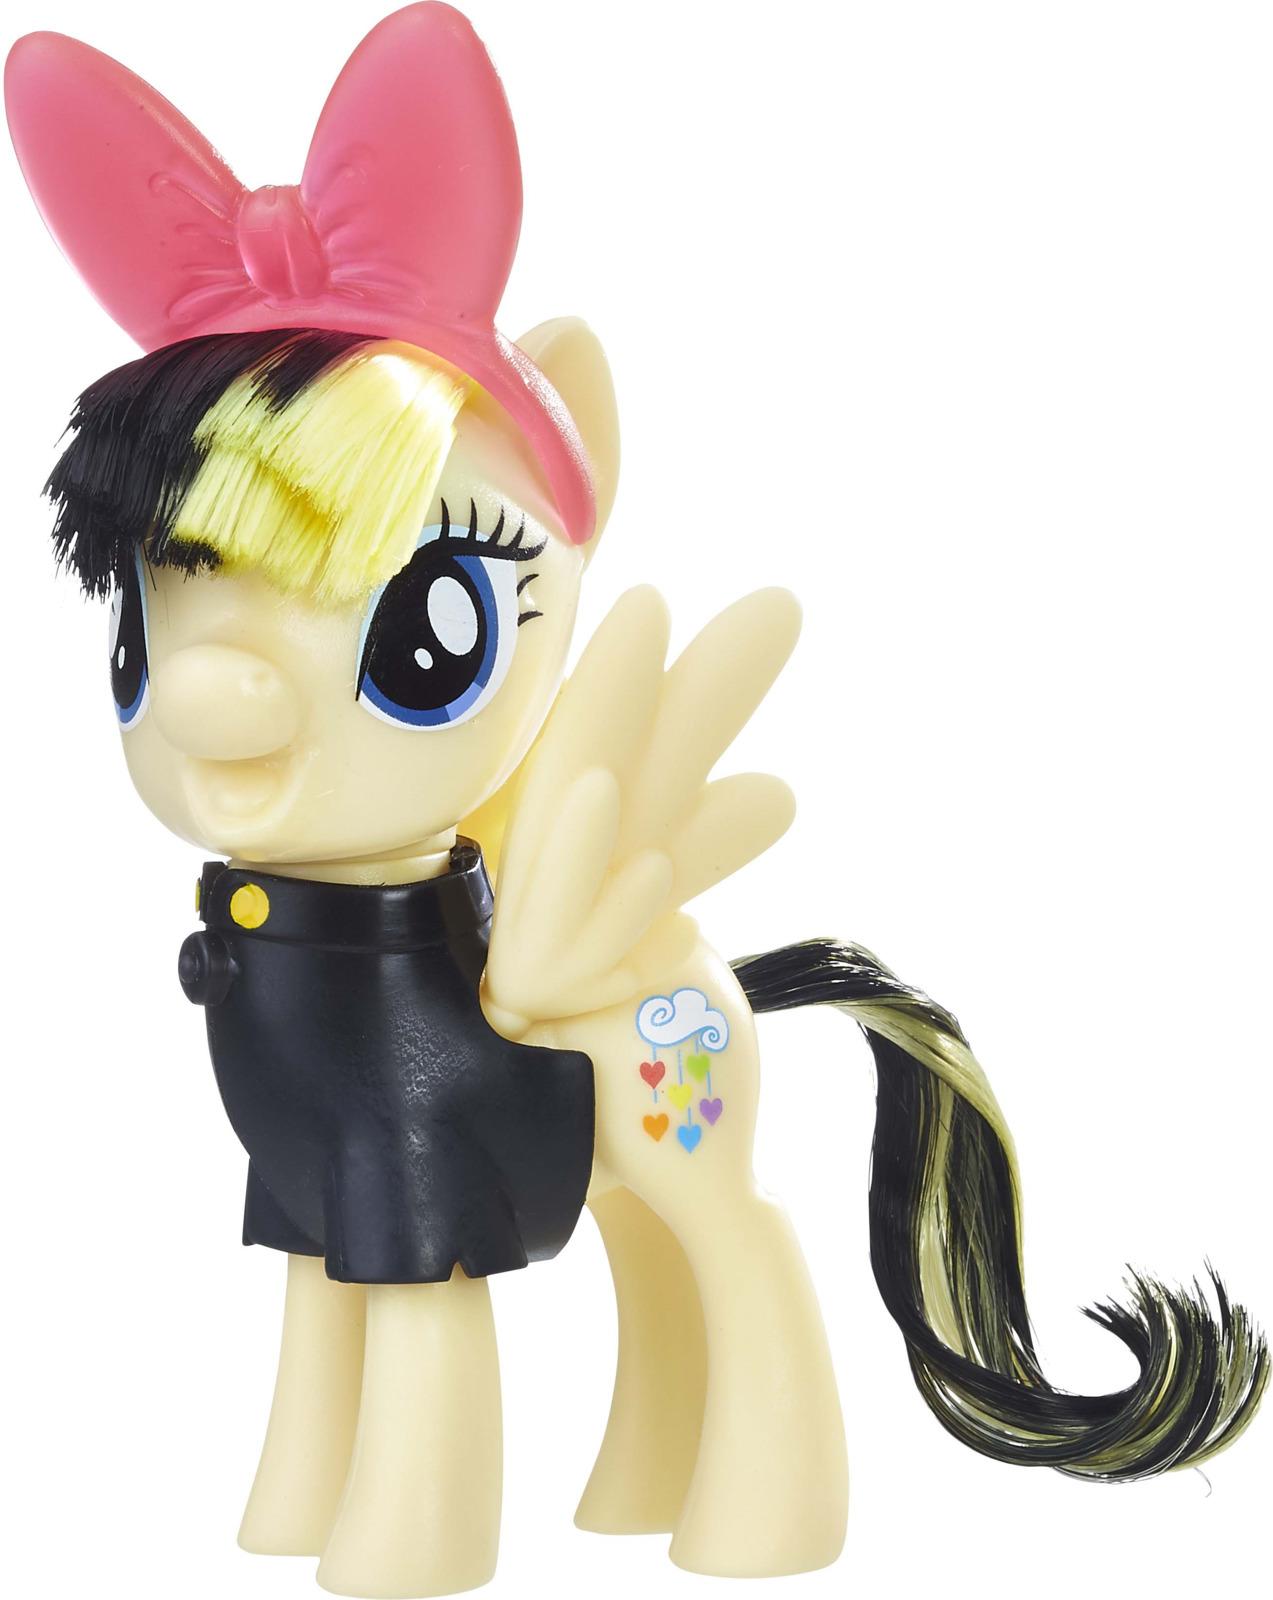 Фигурка My Little Pony Songbird Serenade. E0727B8924_E0727Фигурка выполнена из качественного пластика, имеет приятный для взгляда яркий цвет. Оптимальный размер фигурки позволит брать ее с собой на прогулку или в поездку. Собери всех любимых персонажей популярного мультфильма!